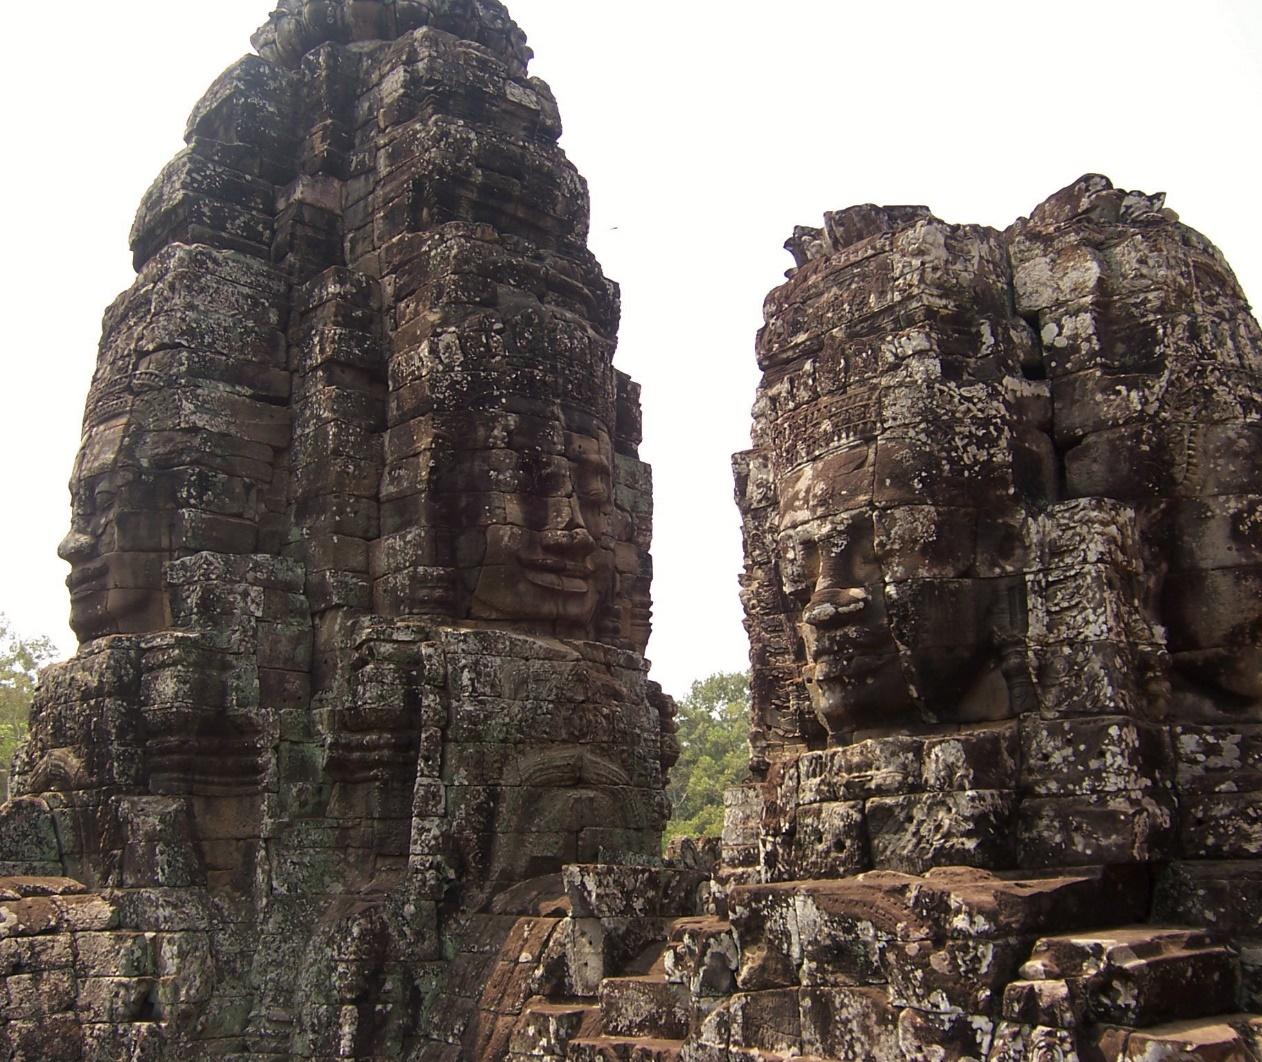 The Bayon Ruins